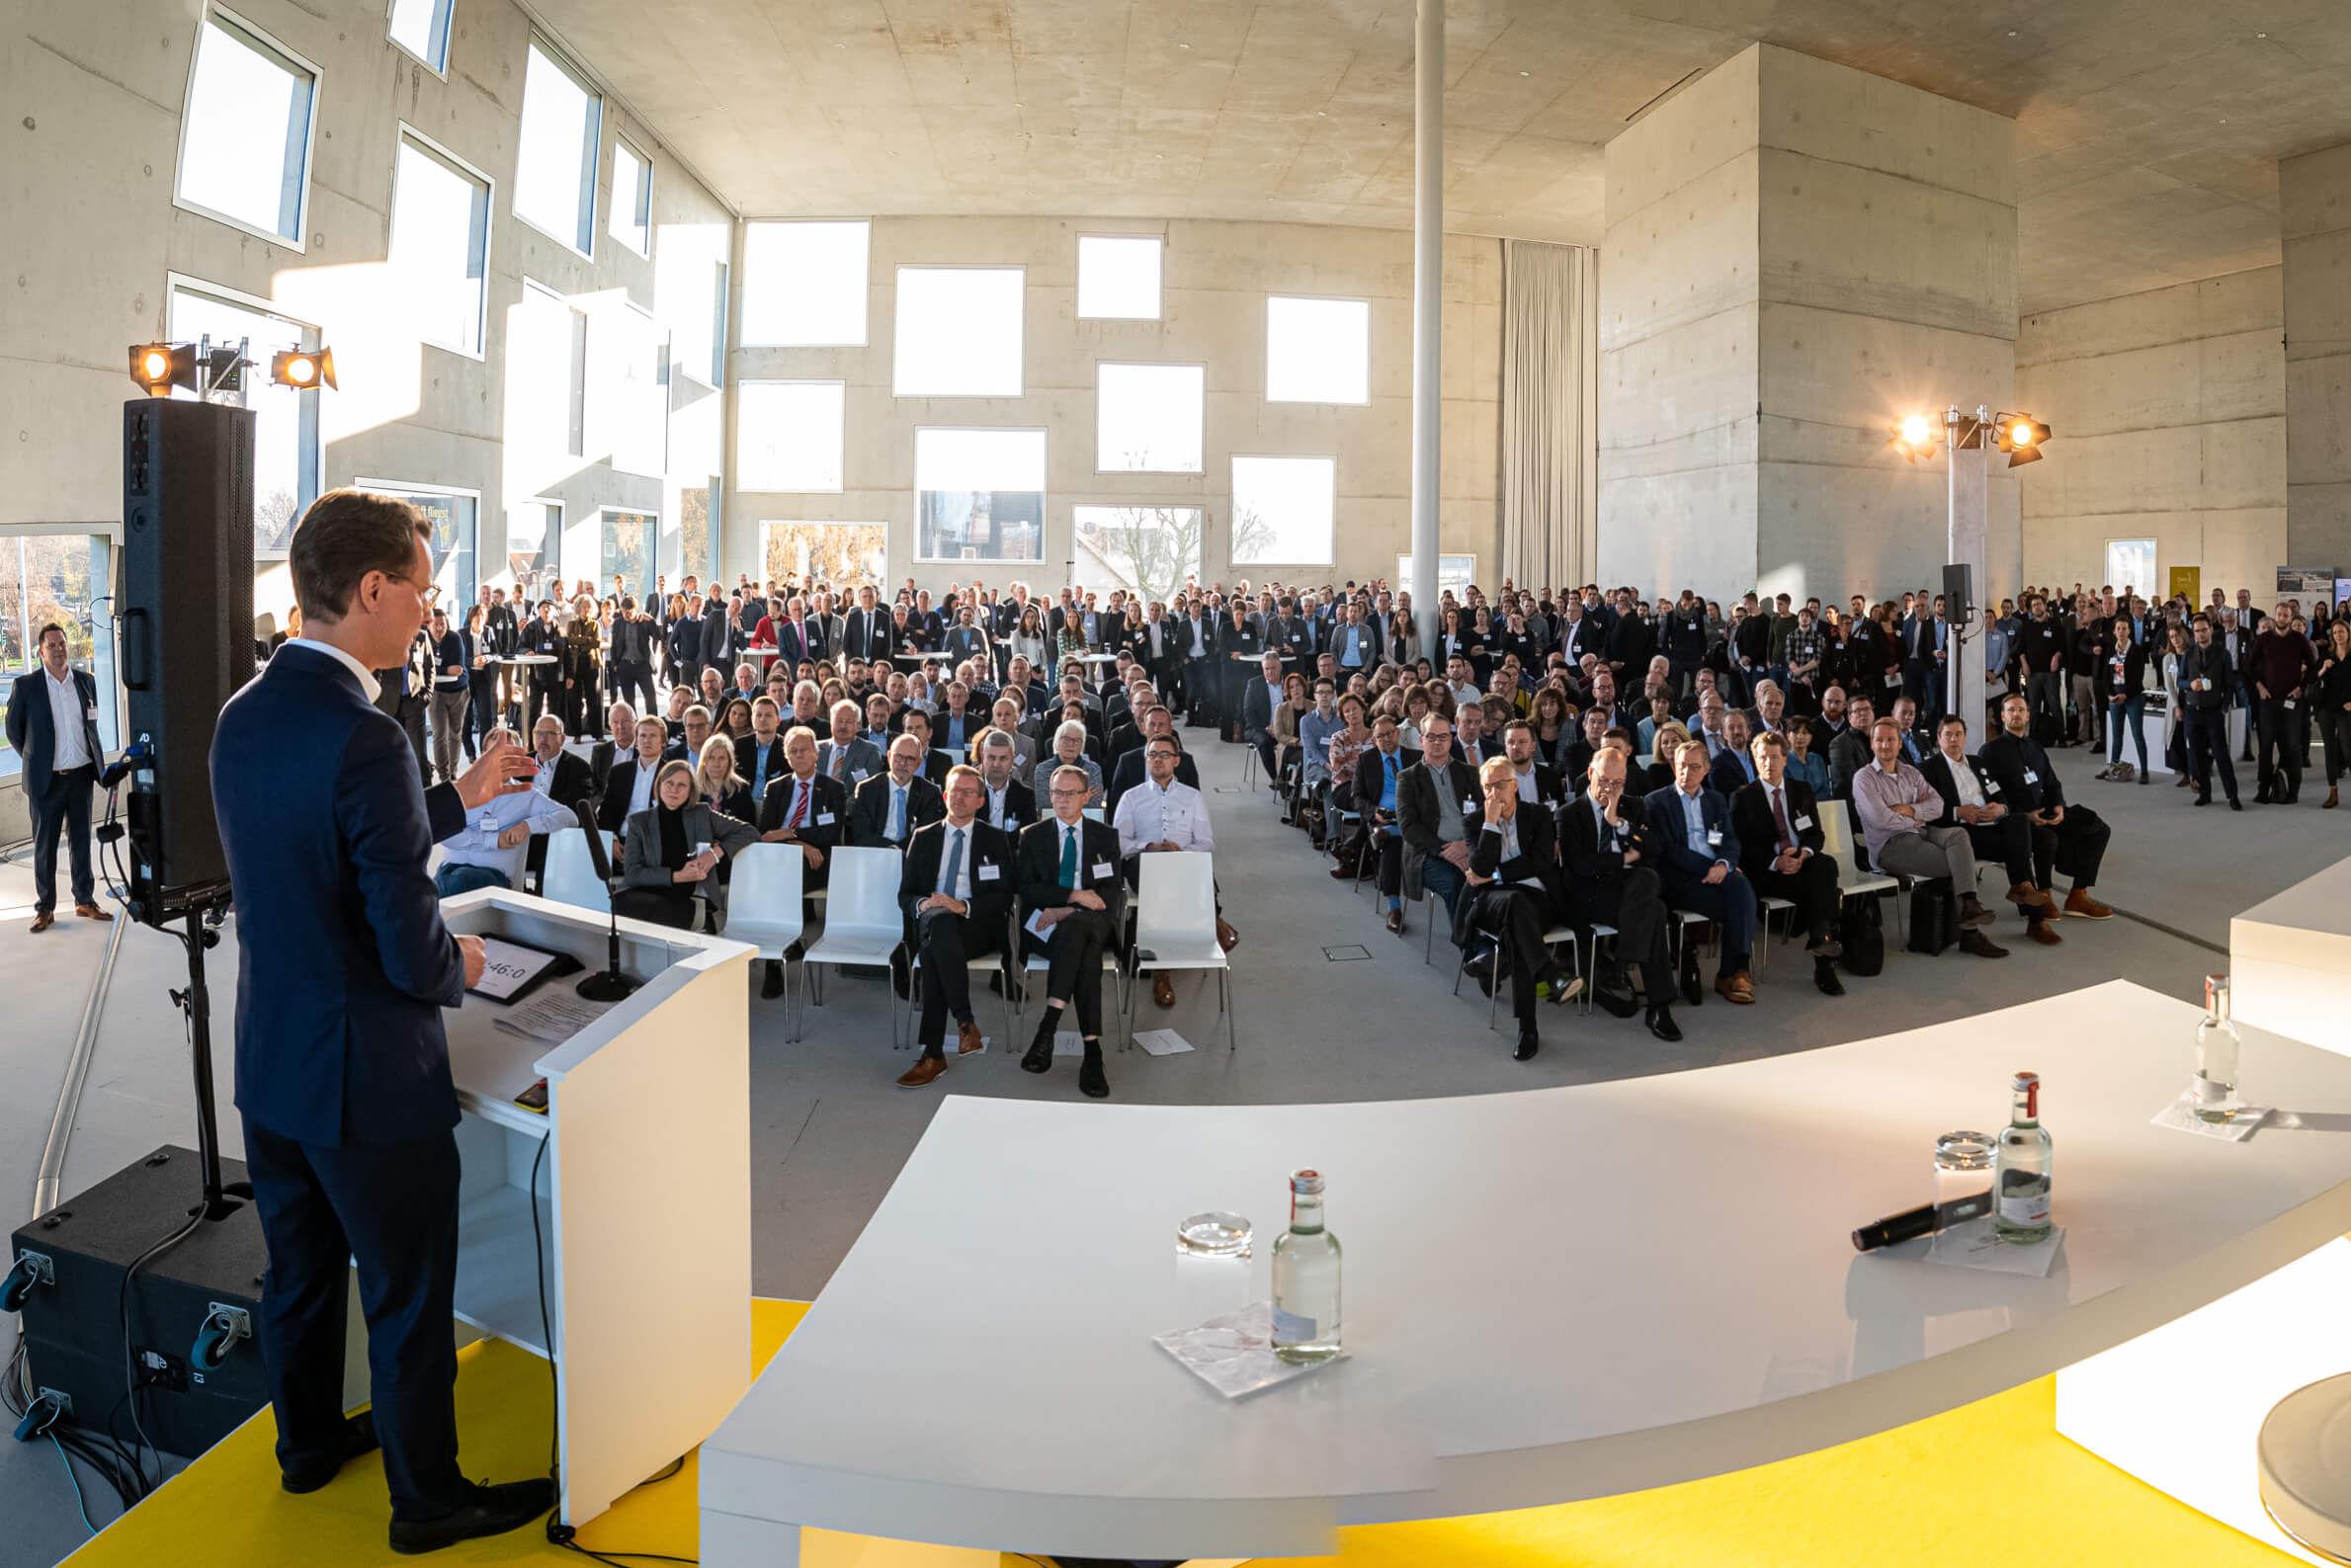 Verkehrsminister Wüst, dunkelhaariger Mann in dunklem Anzug steht auf einer Bühne an einem Rednerpult und spricht zu einem großen Publikum in einem großen Gebäude.